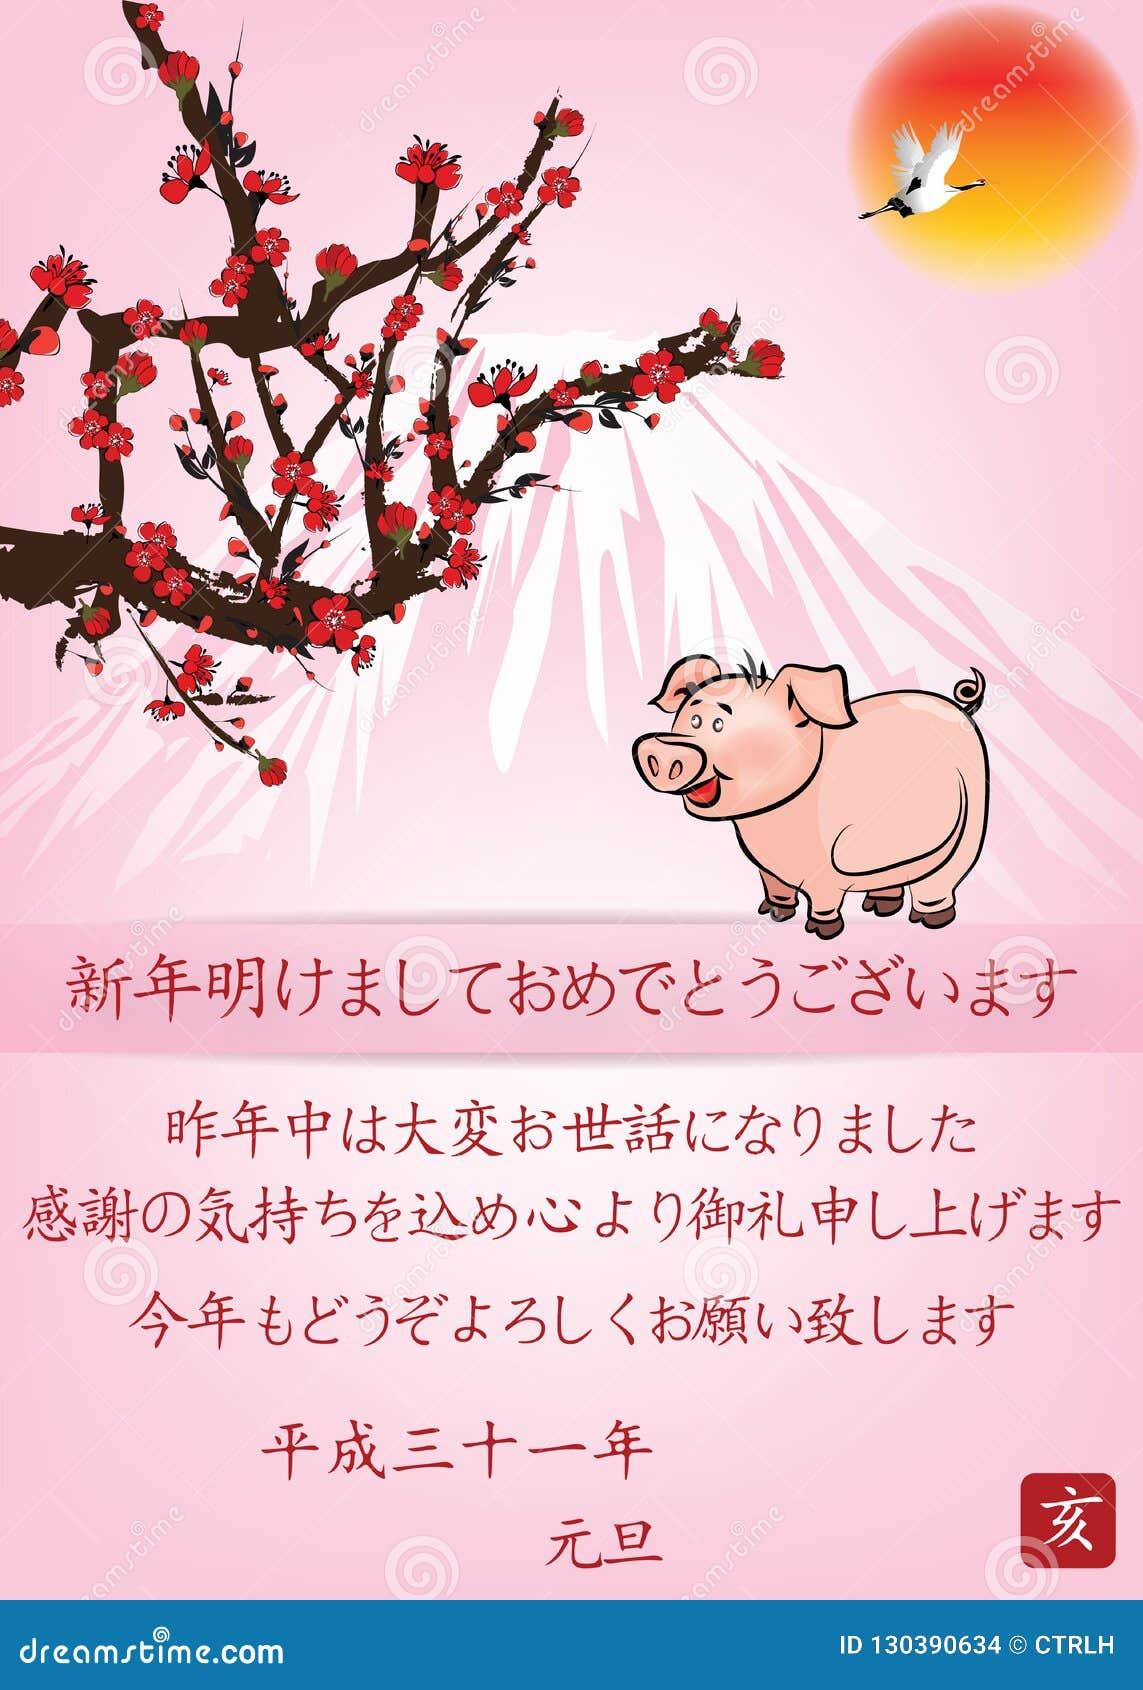 平成 去年 国税庁、「平成」は「令和」に読替えを